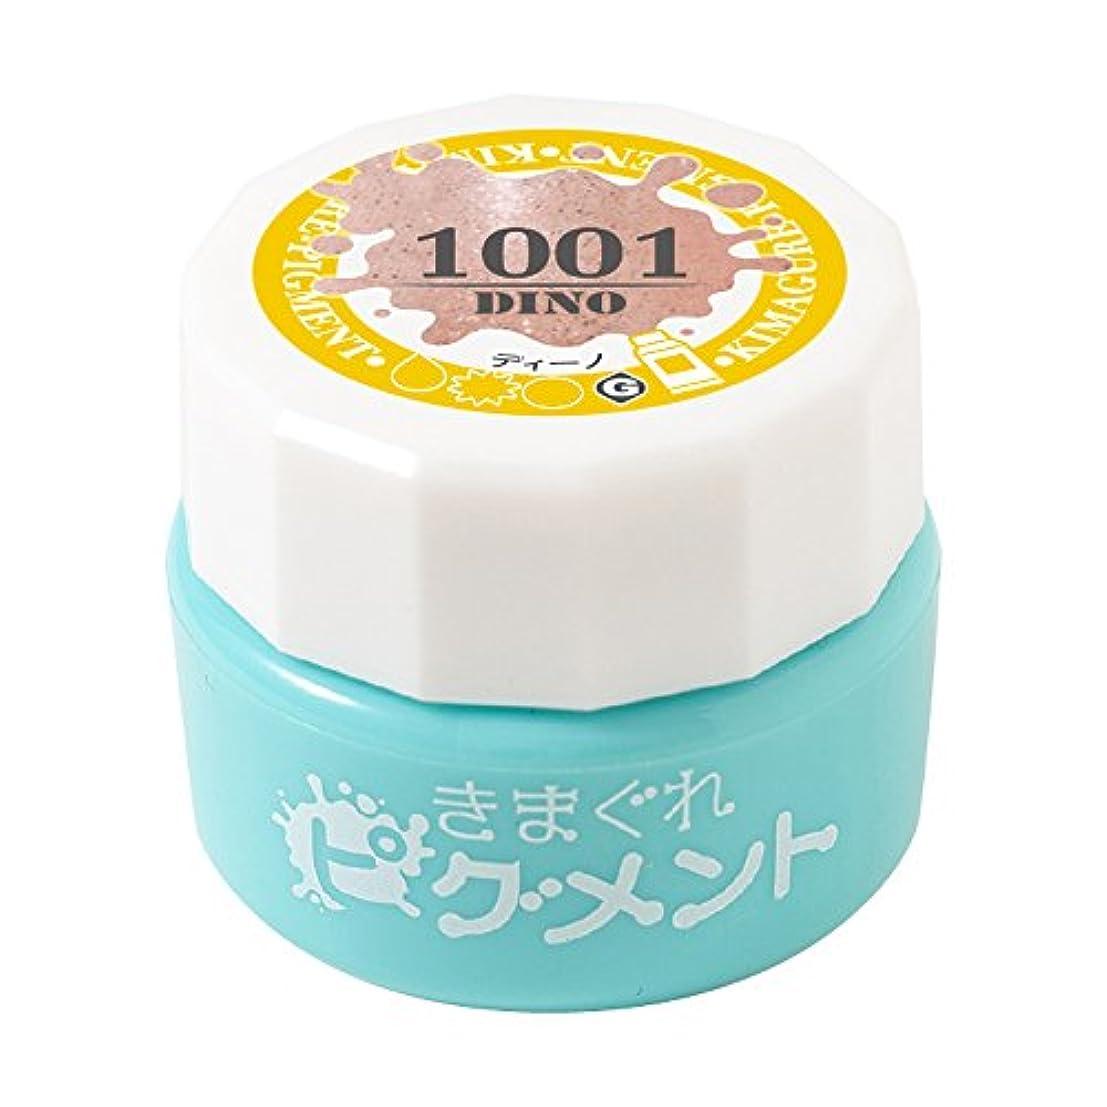 一般的に言えば出来事補体Bettygel きまぐれピグメント ディーノ QYJ-1001 4g UV/LED対応